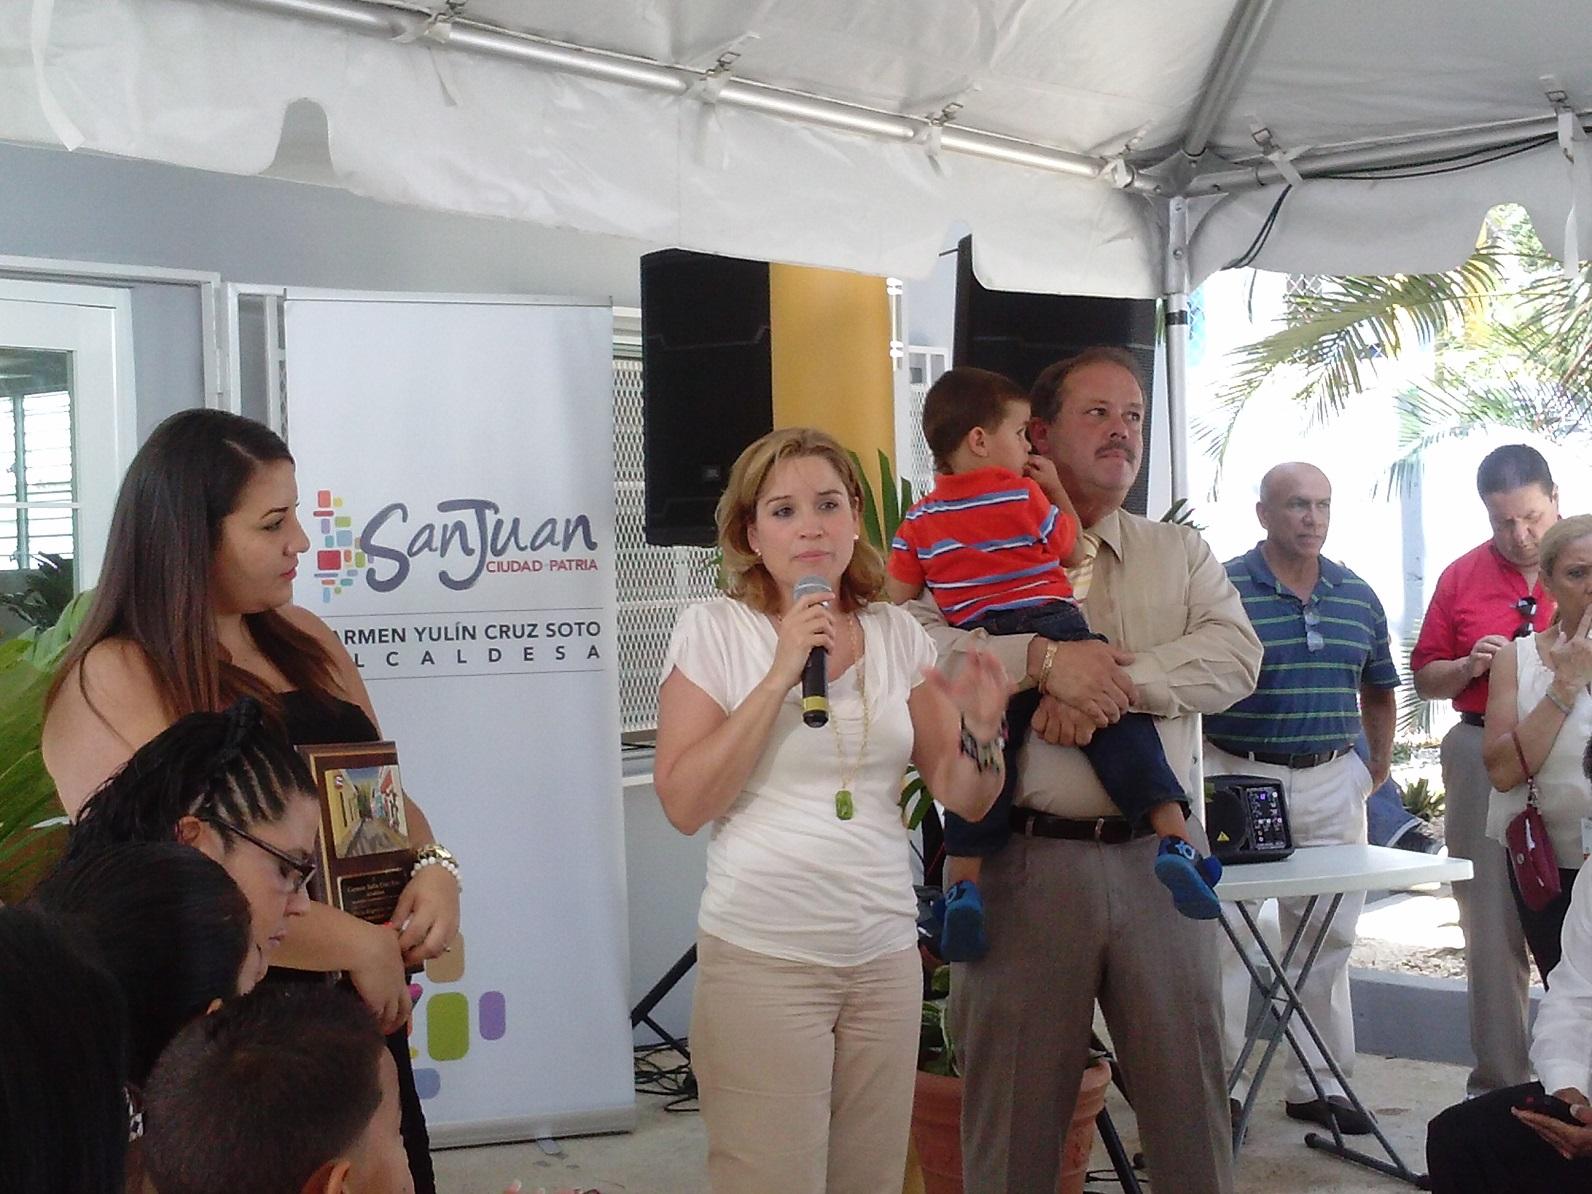 Carmen Yulín inaugura centro comunal en Las Curías